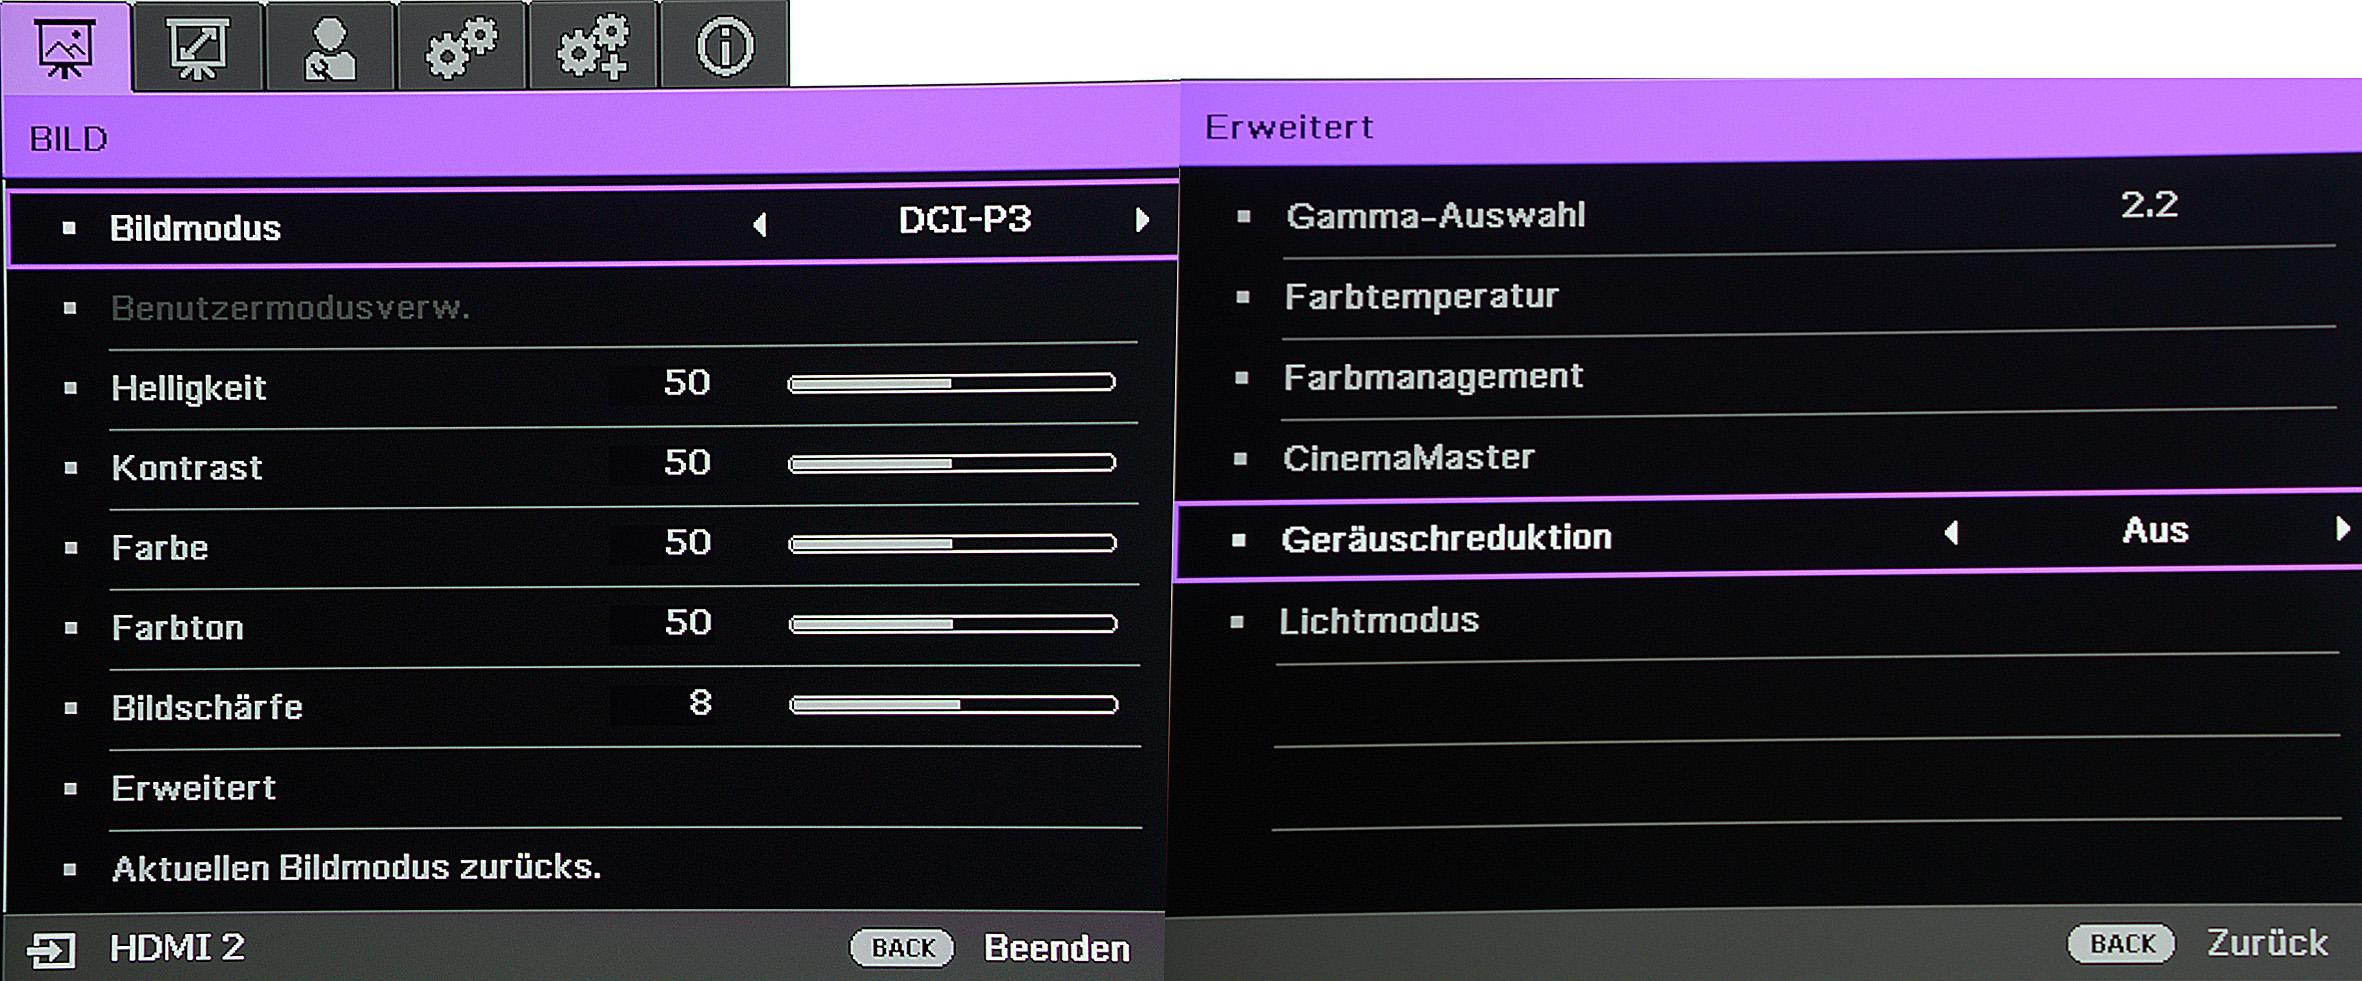 """Mit einem kleinen Kniff können HDR-Filme auf dem BenQ X12000 mit 3840 x 2160 Pixel durch XPR-Shift inklusive erweitertem Farbraum projiziert werden. """"Geräuschreduktion"""" sollte unbedingt ausgeschaltet werden, weil es sich hier um einen Weichzeichner handelt. Das Preset wurde von BenQ leider falsch ins Deutsche übersetzt."""